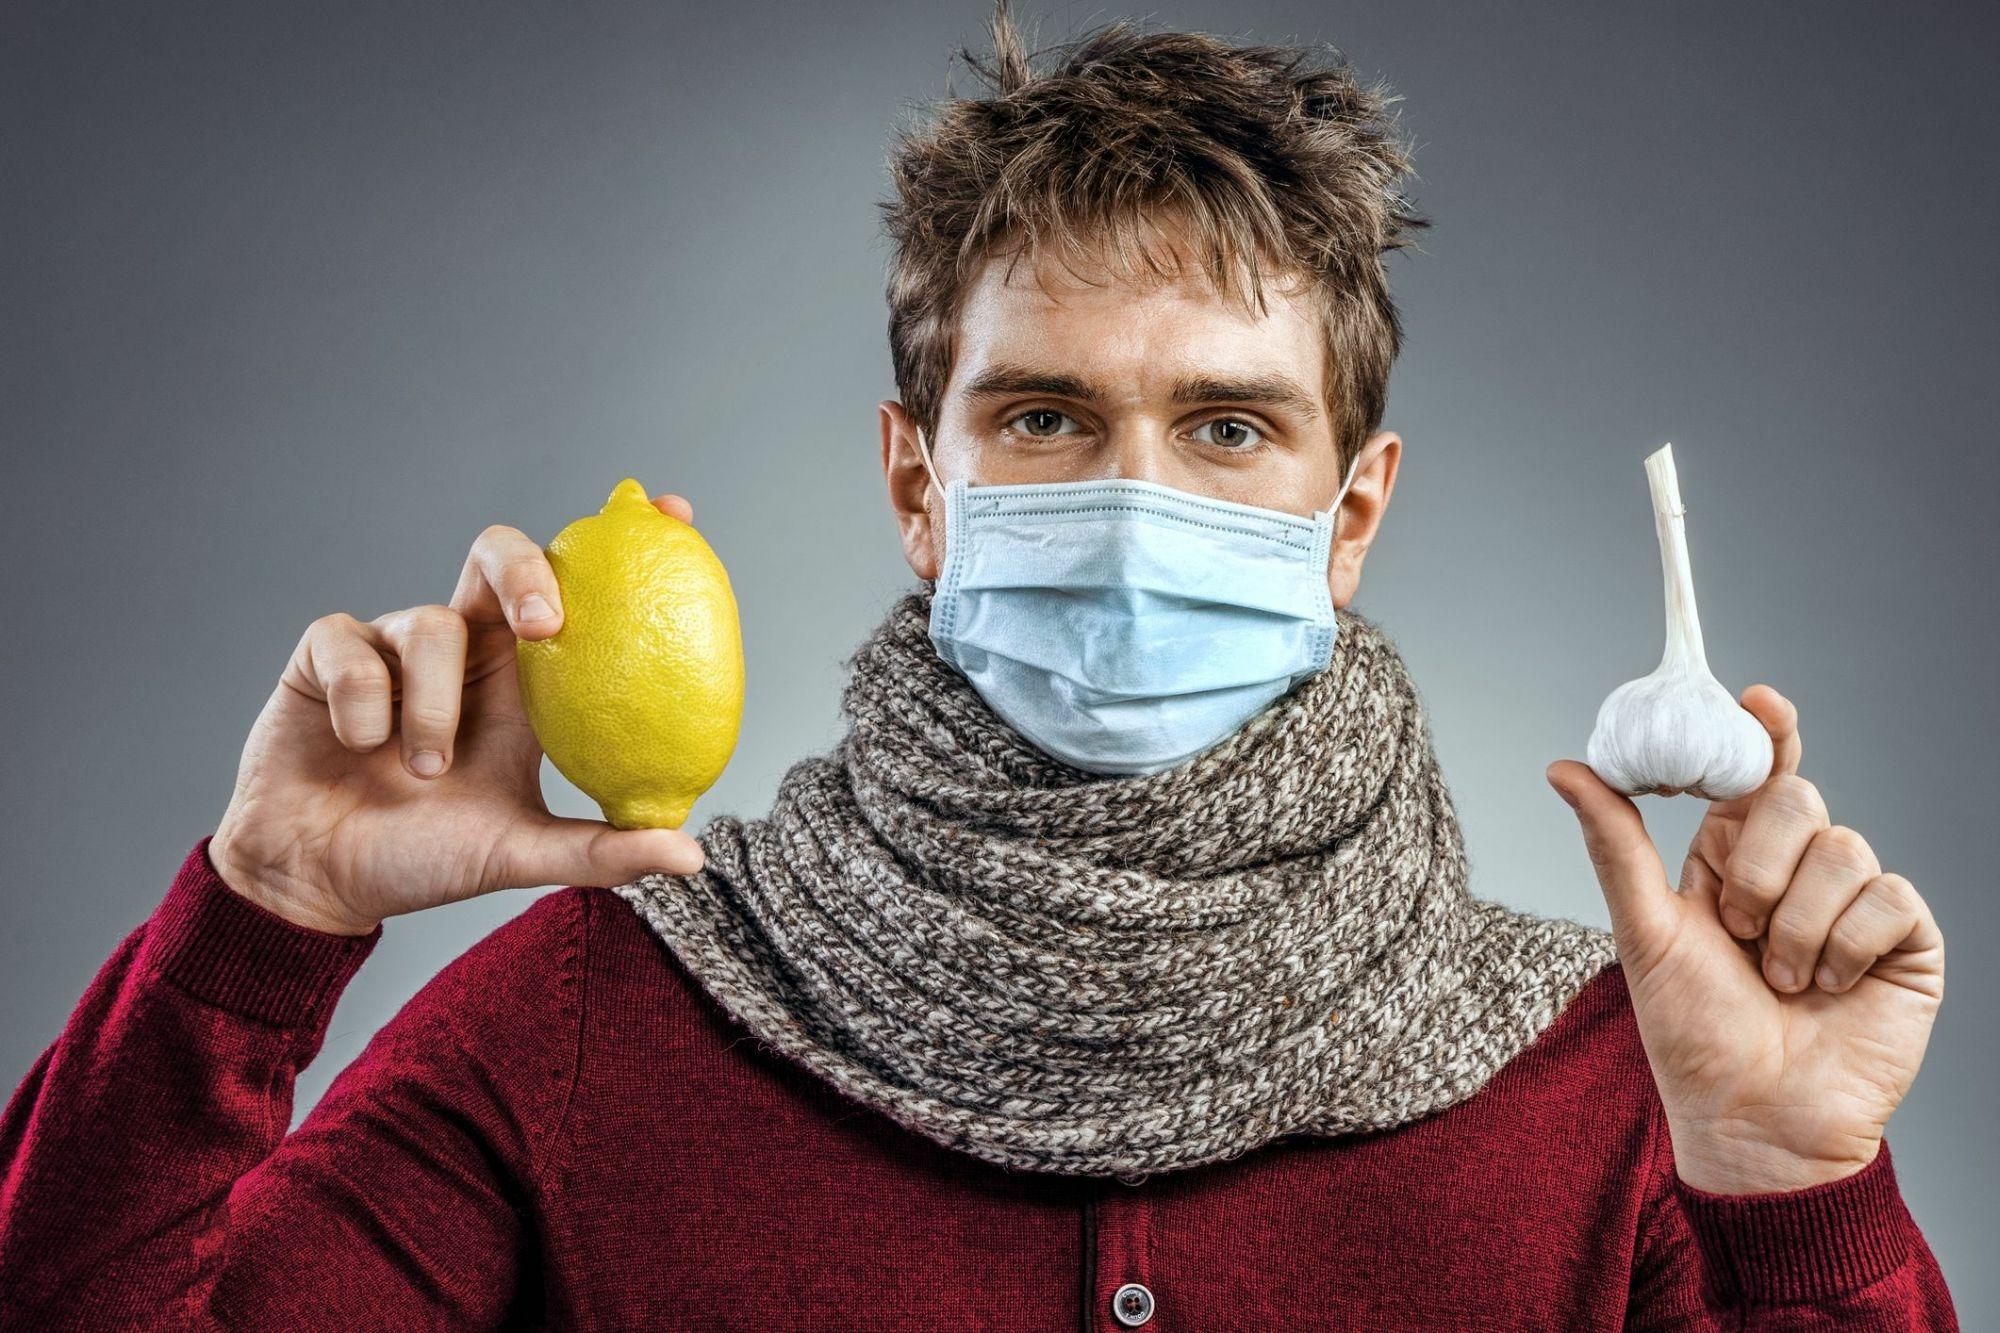 место профилактика гриппа фото и картинки нужно заниматься